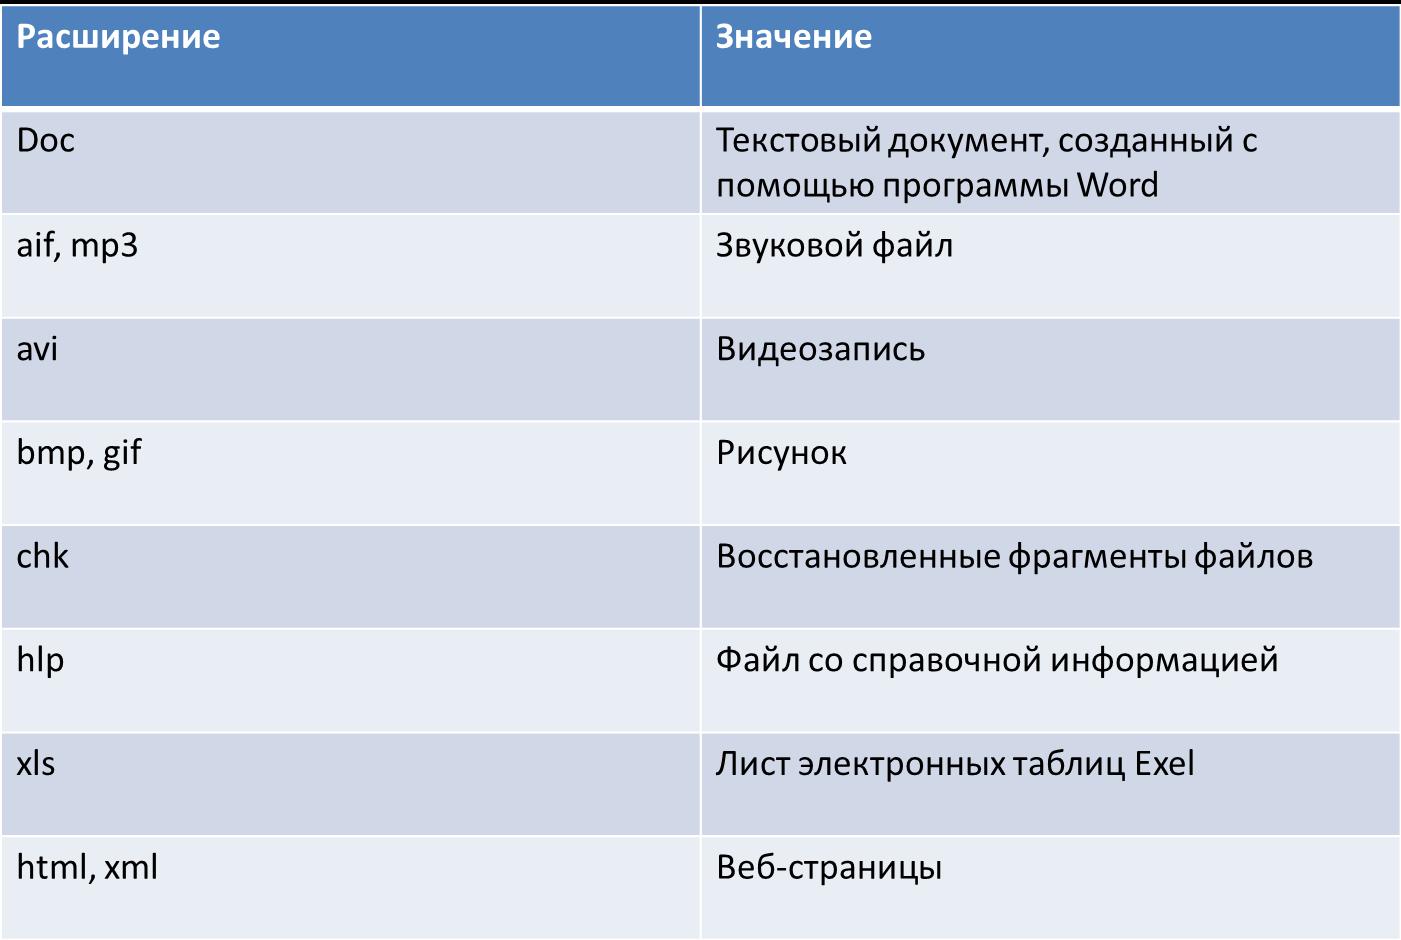 Расширений имен файлов